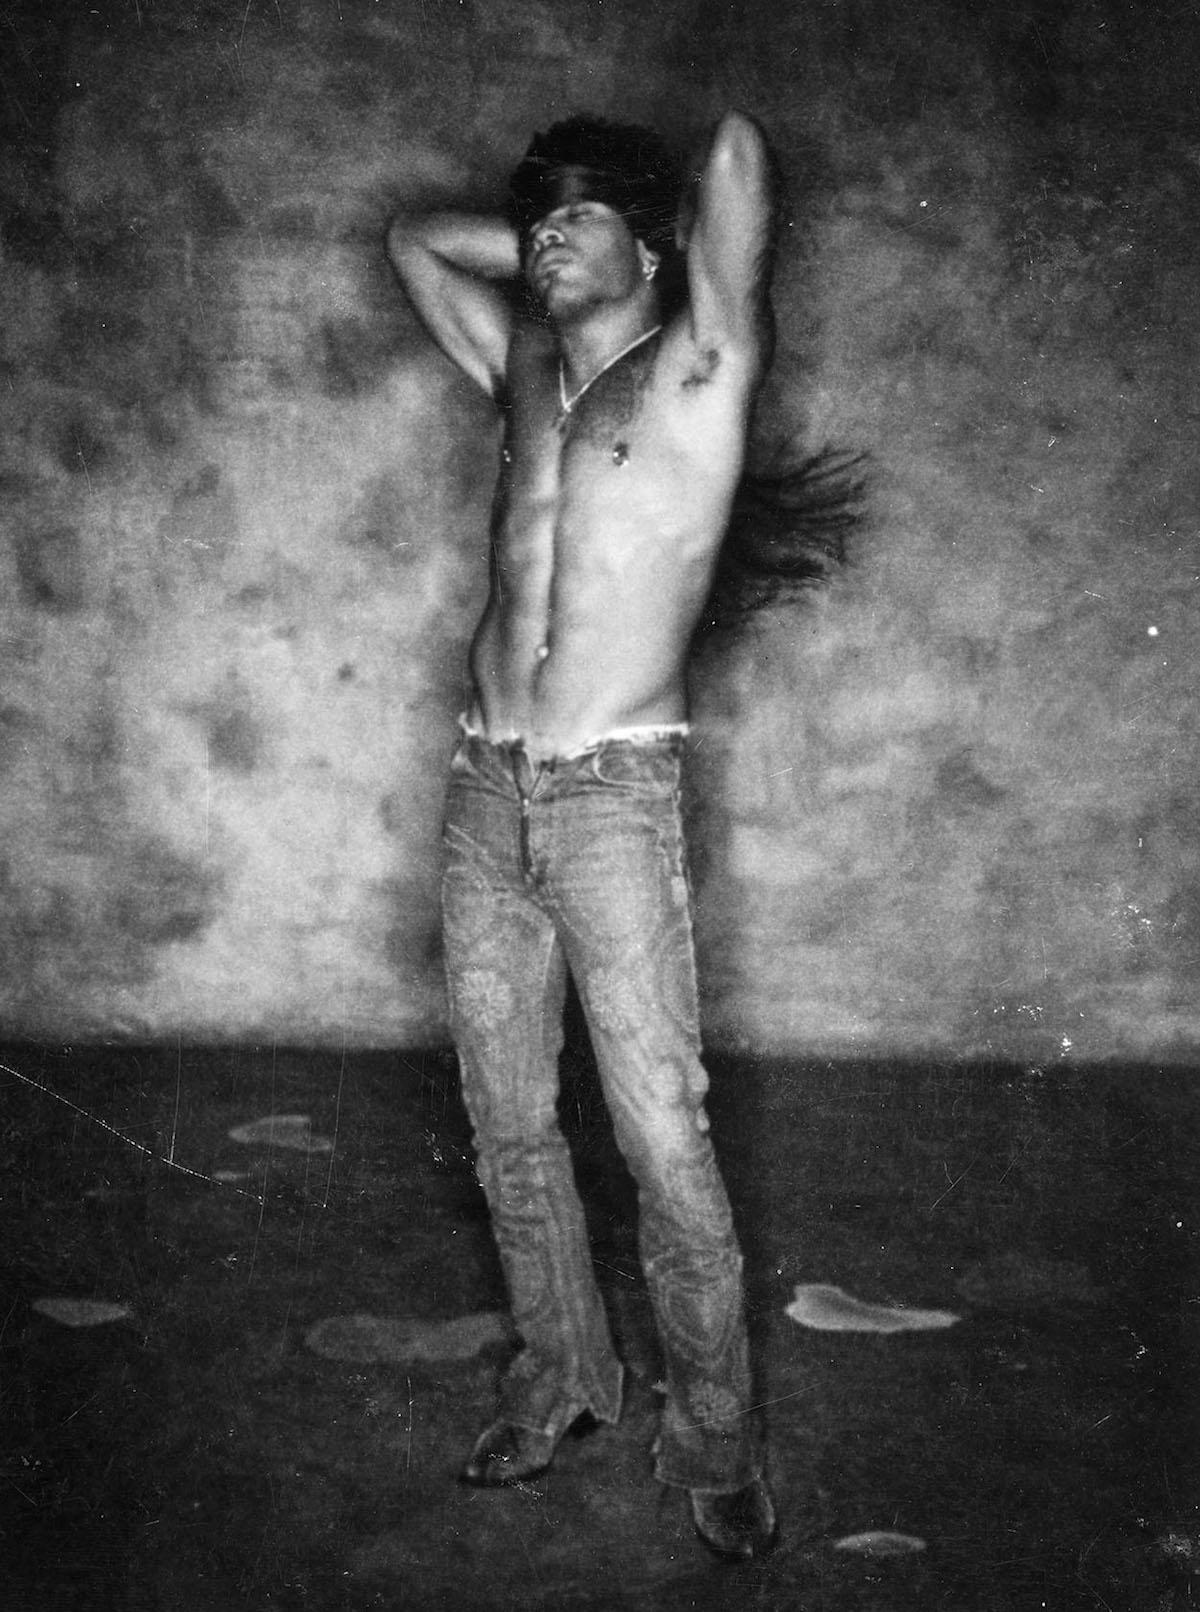 Lenny Kravitz by Stephanie Pfriender Stylander